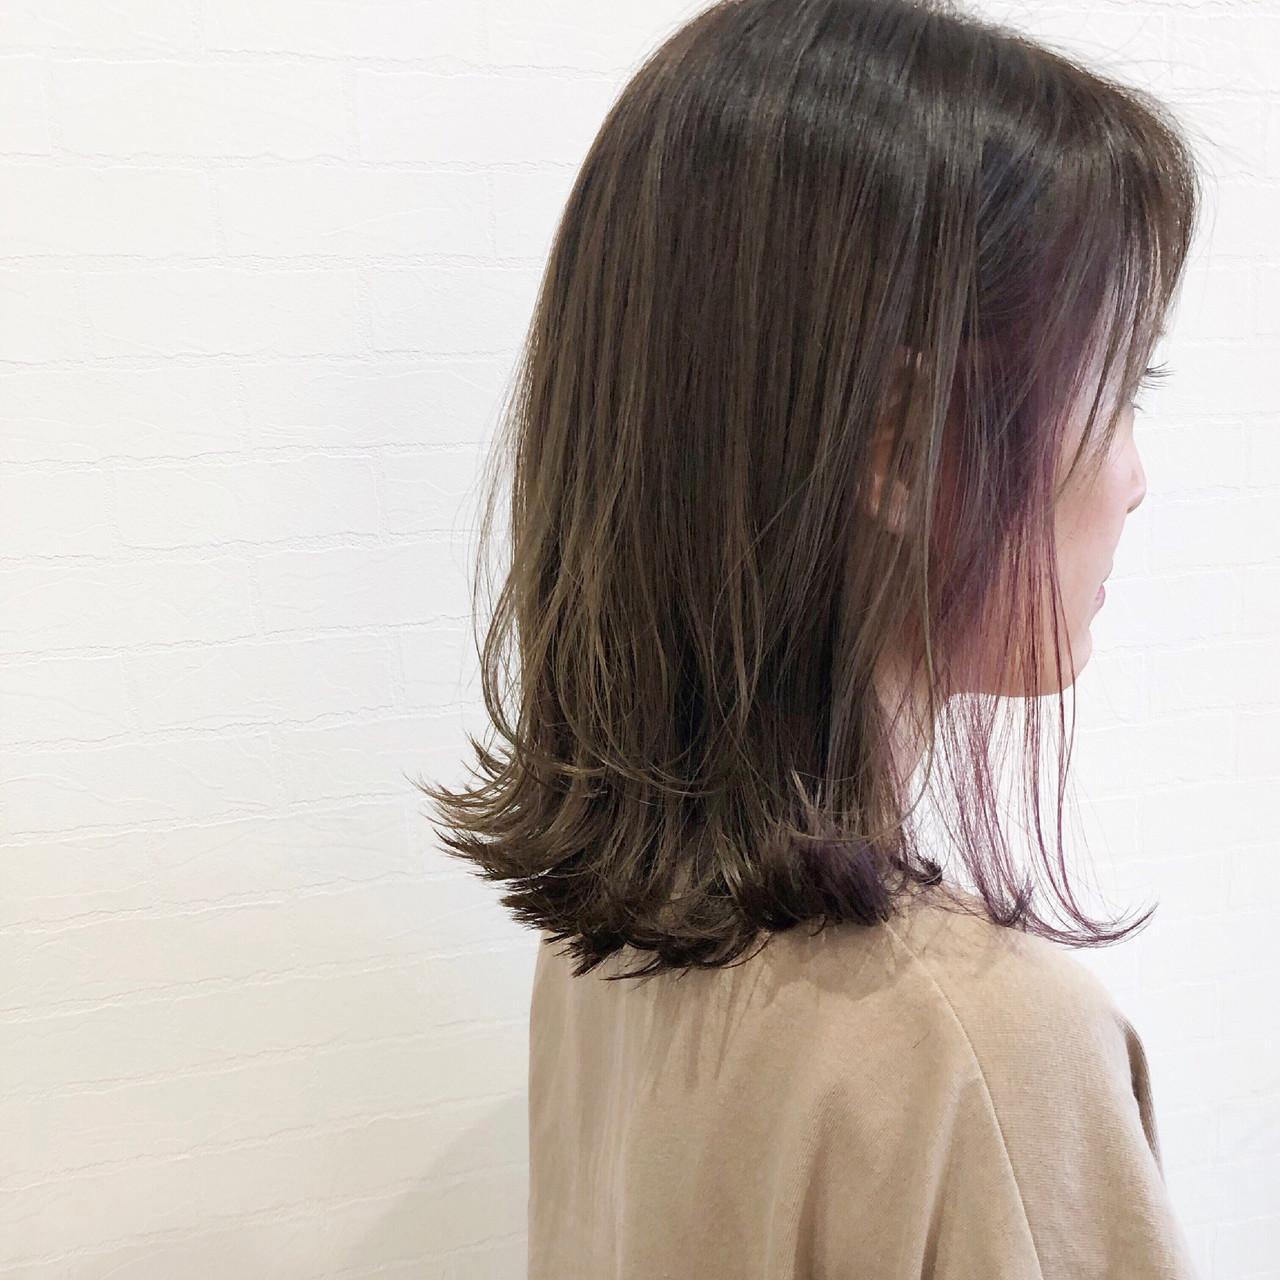 ナチュラル ロブ インナーカラー ミディアム ヘアスタイルや髪型の写真・画像